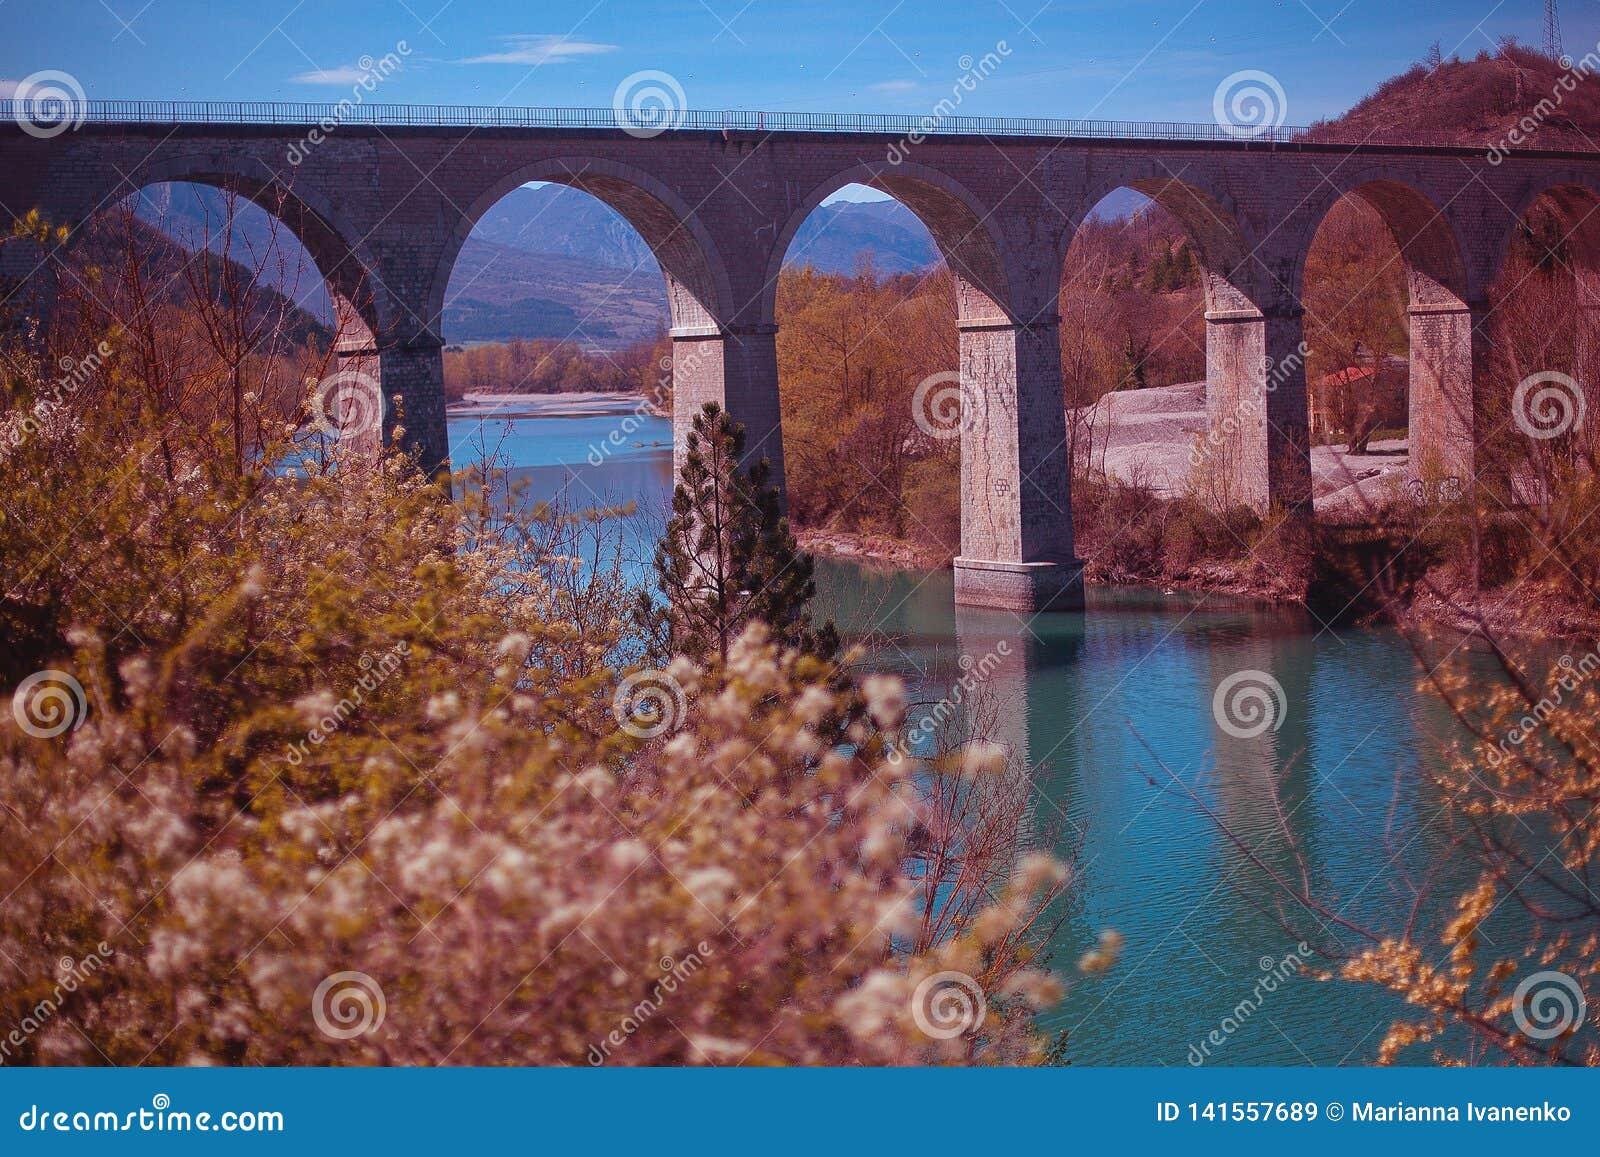 Ponte arqueada francesa em um rio com as árvores de florescência no primeiro plano